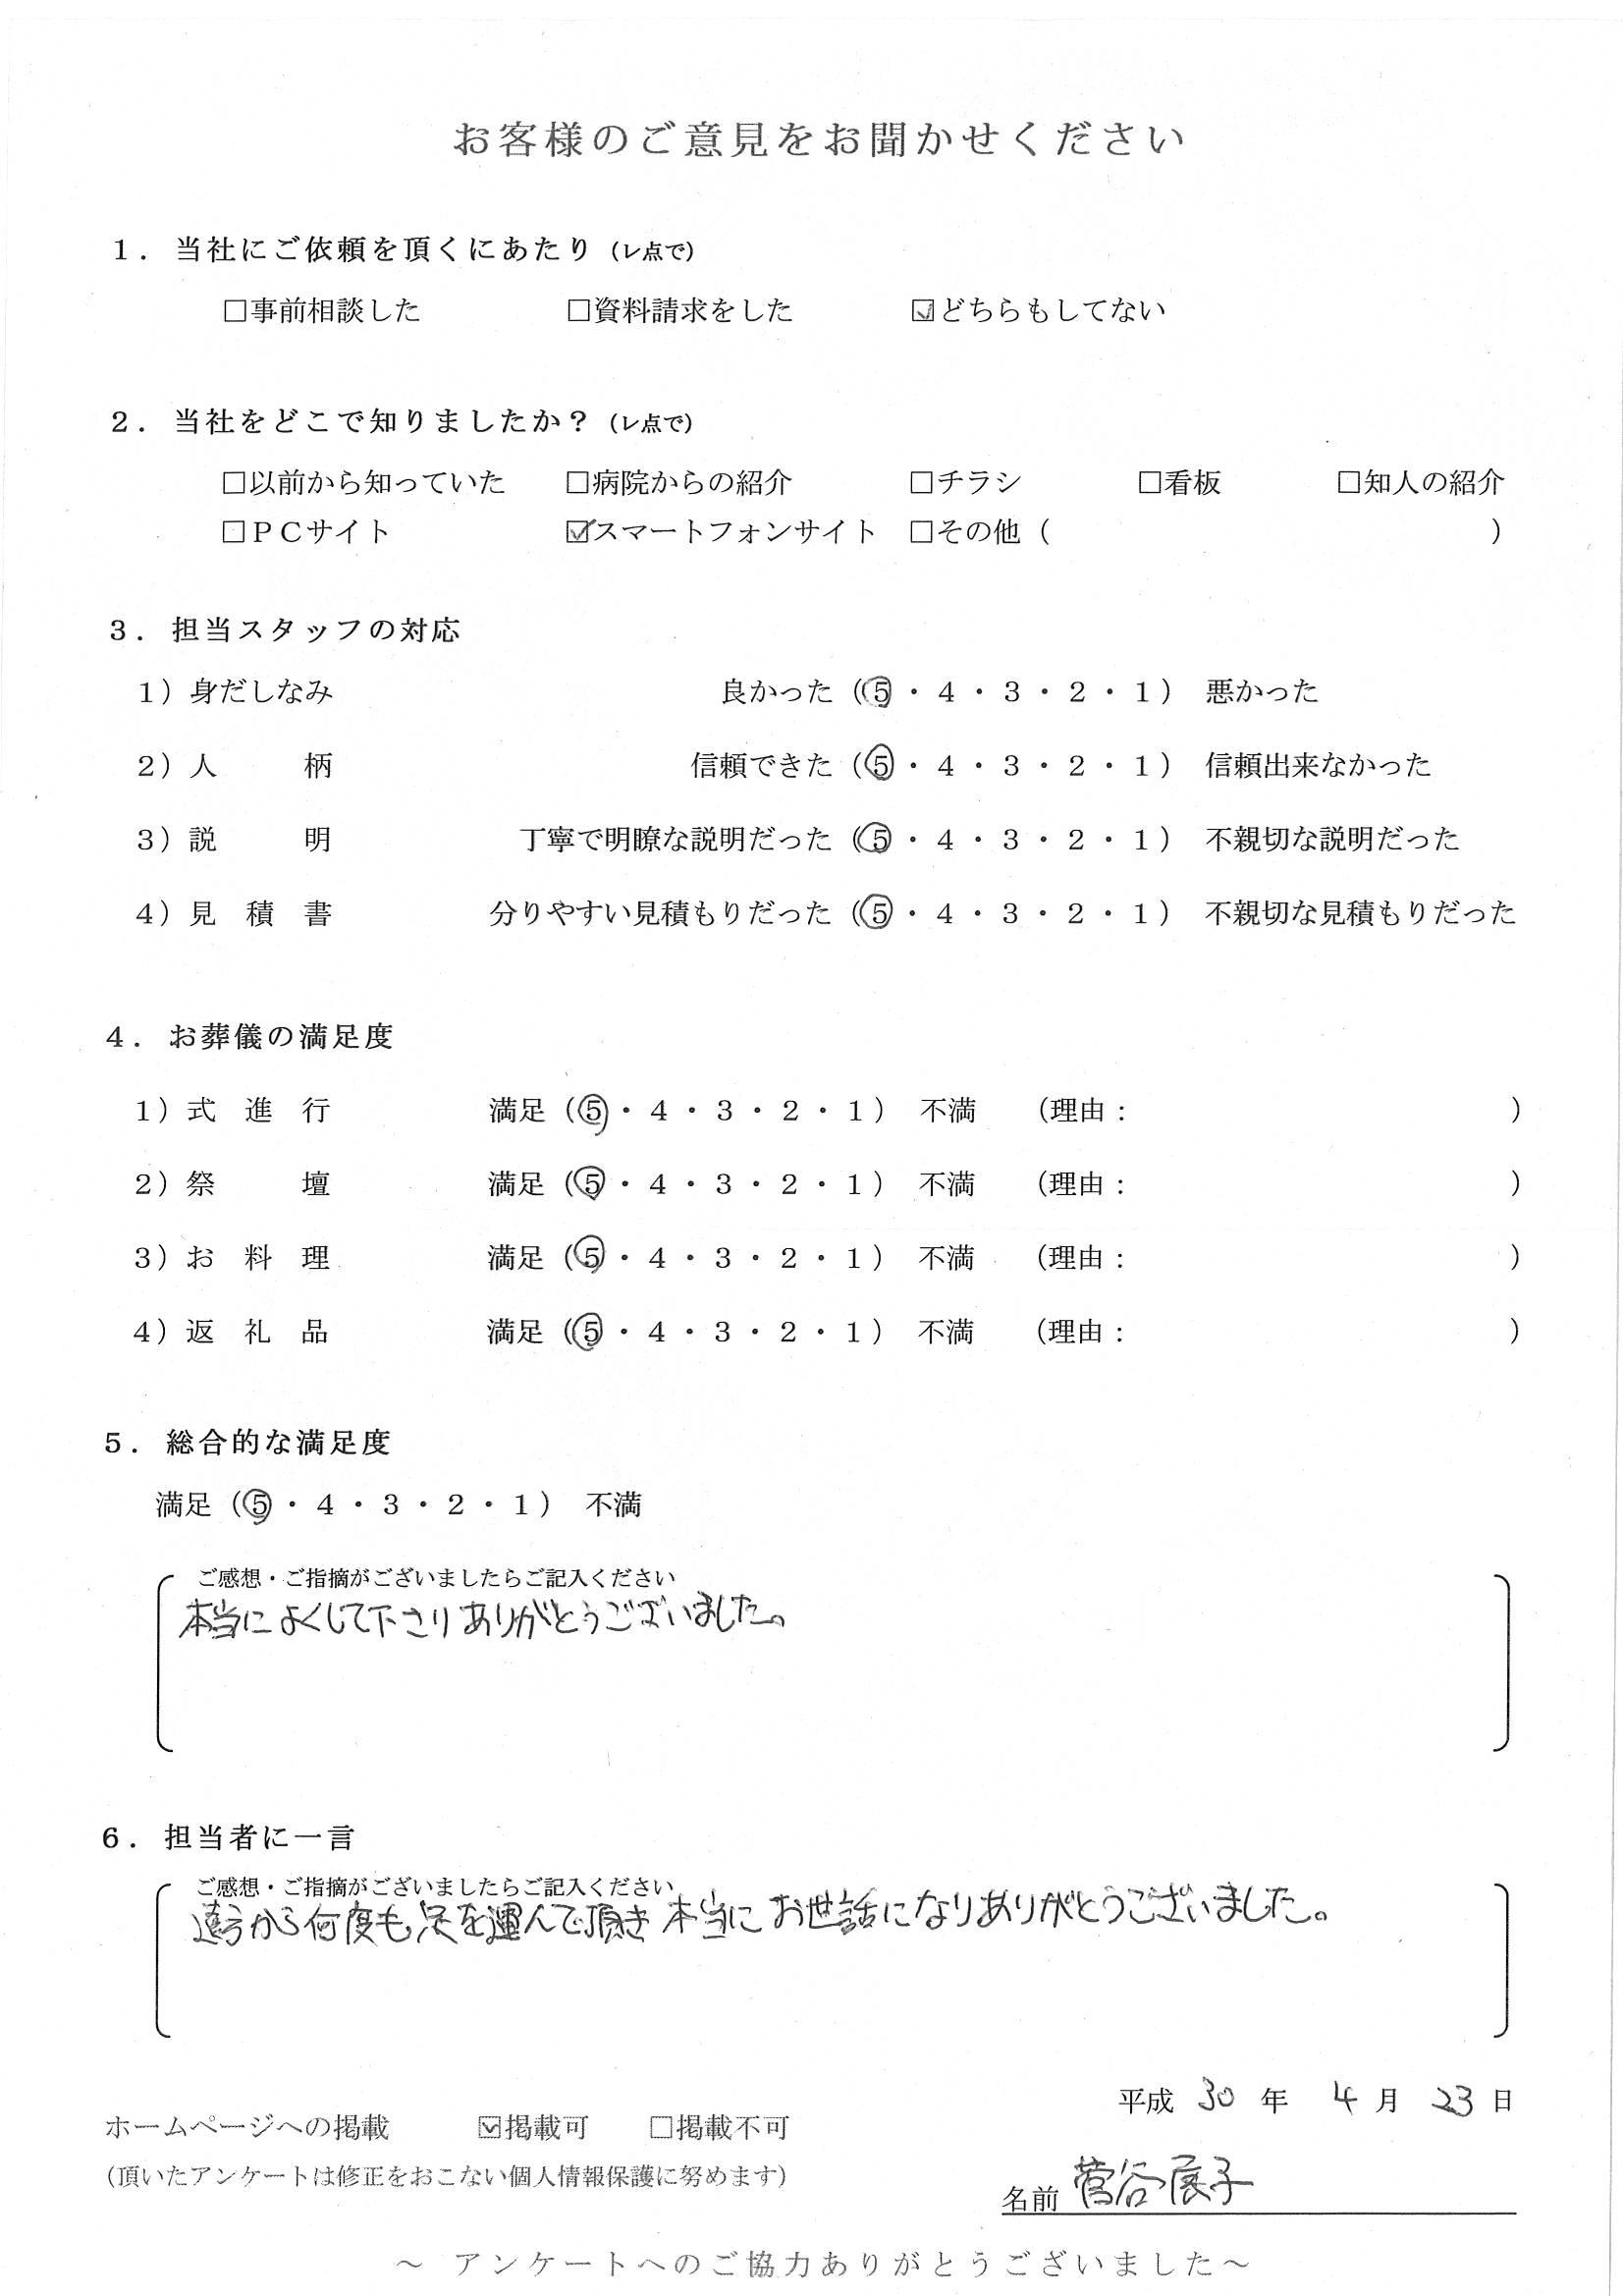 2018.04.23 葛飾区菅谷家